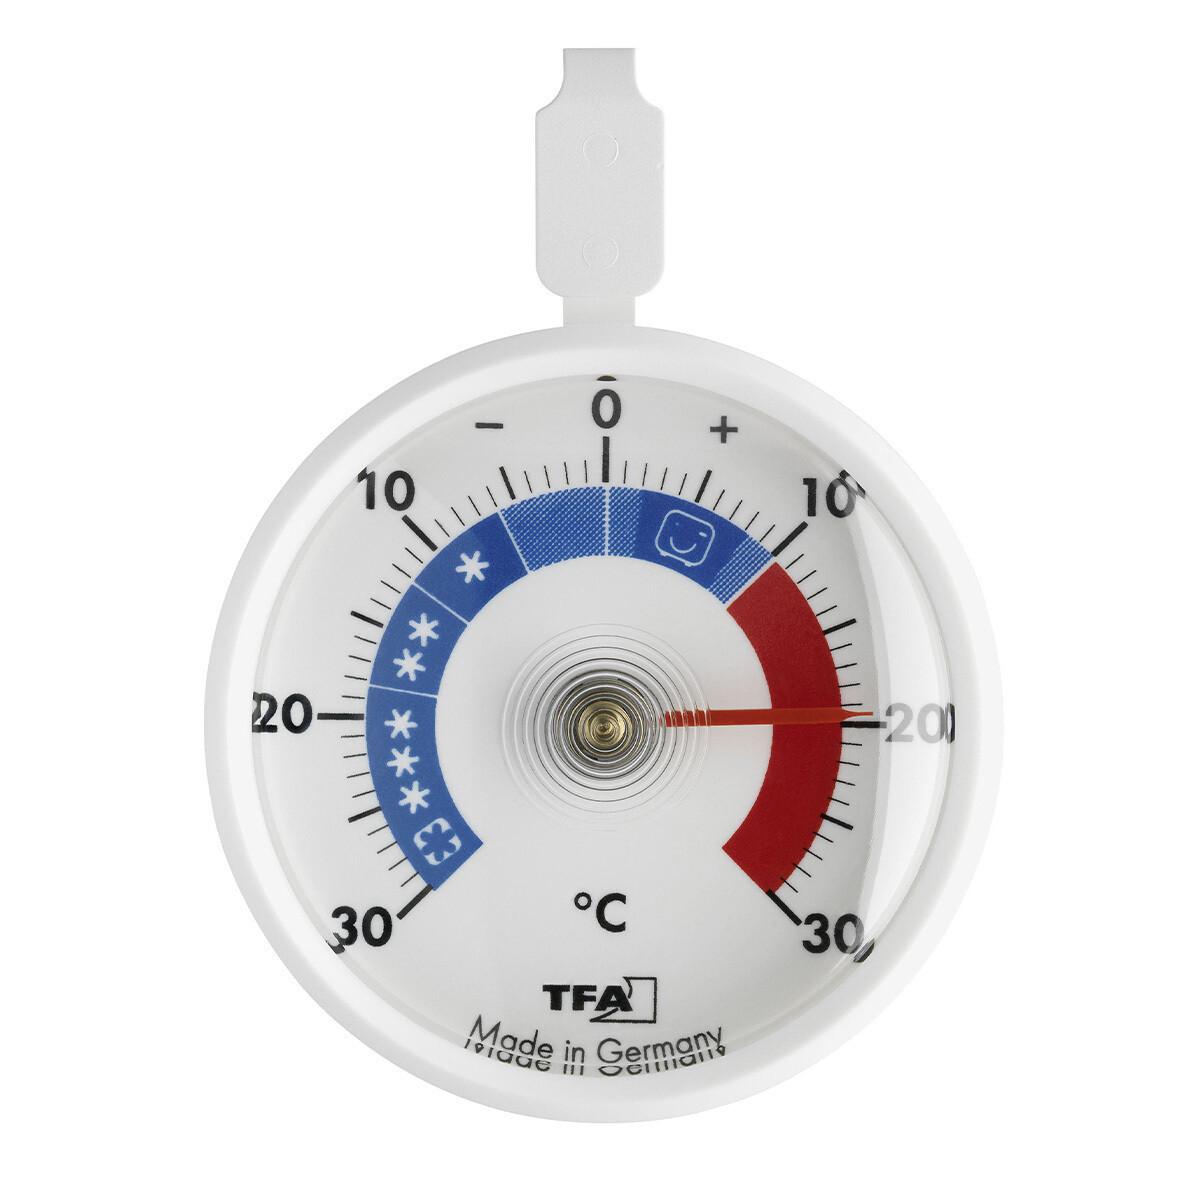 Kühlthermometer